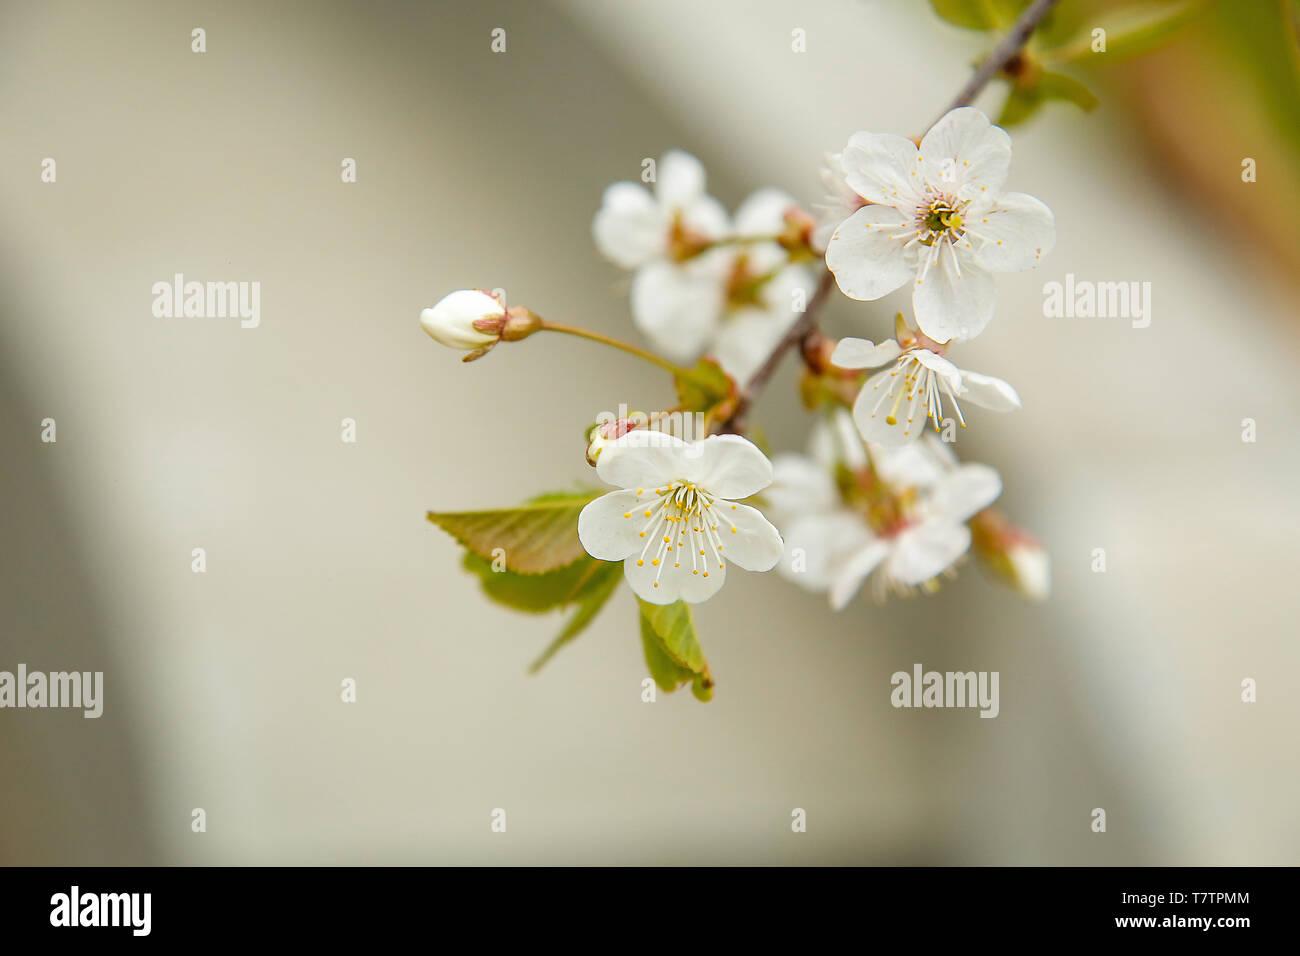 Au début du mois de mai dans le jardin de fleurs blanches fleurs de ...